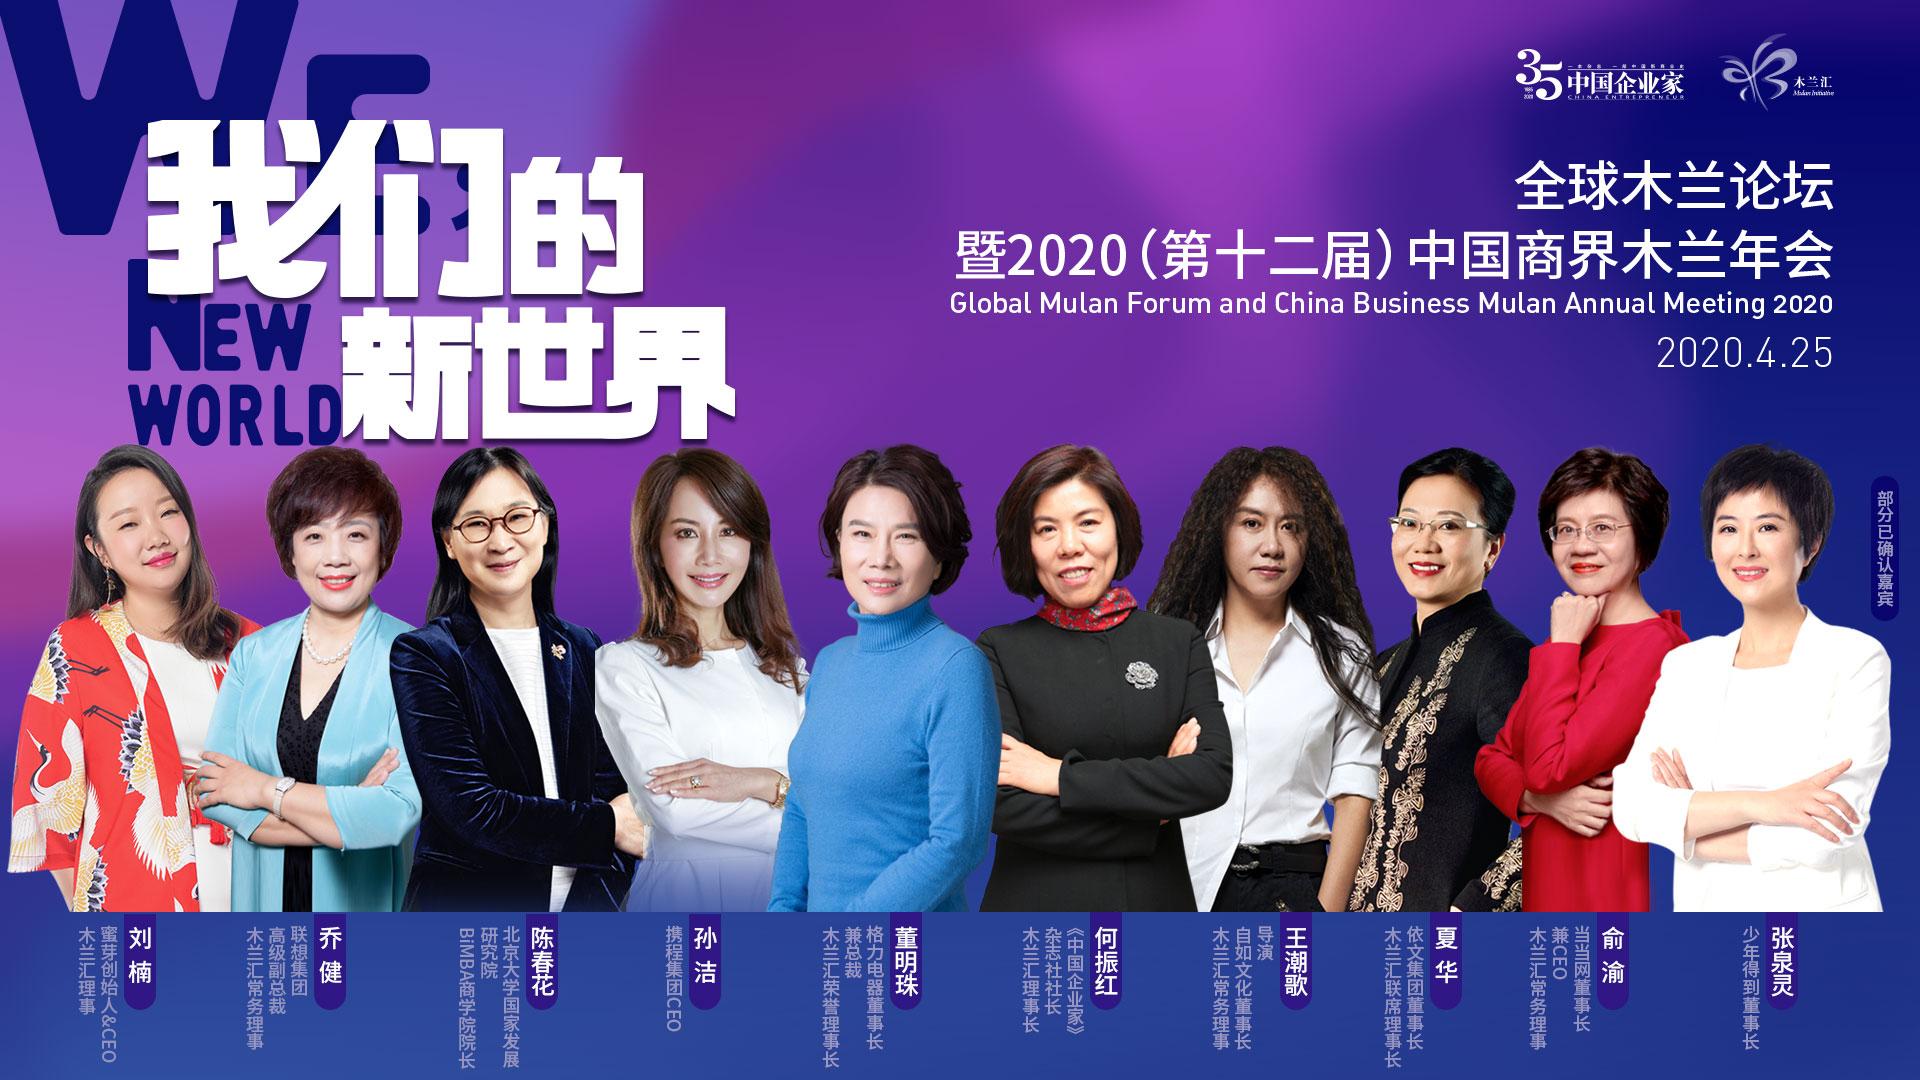 第十二届中国商界木兰年会:我们的新世界